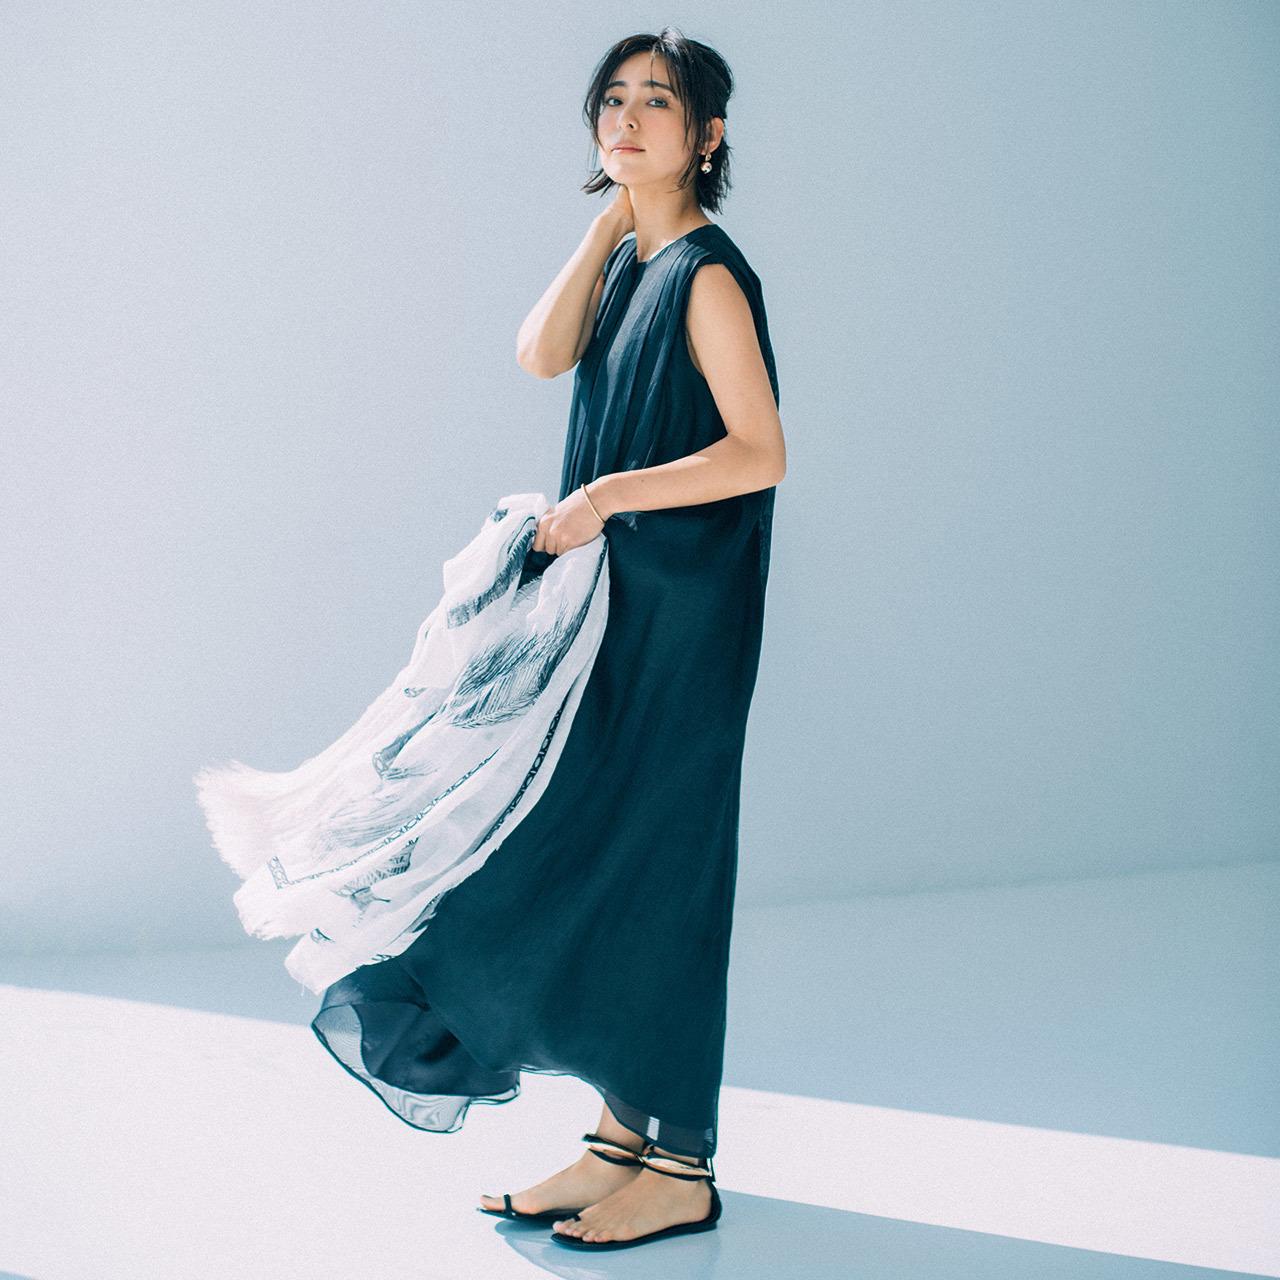 黒のノースリーブワンピース モデル・小泉里子